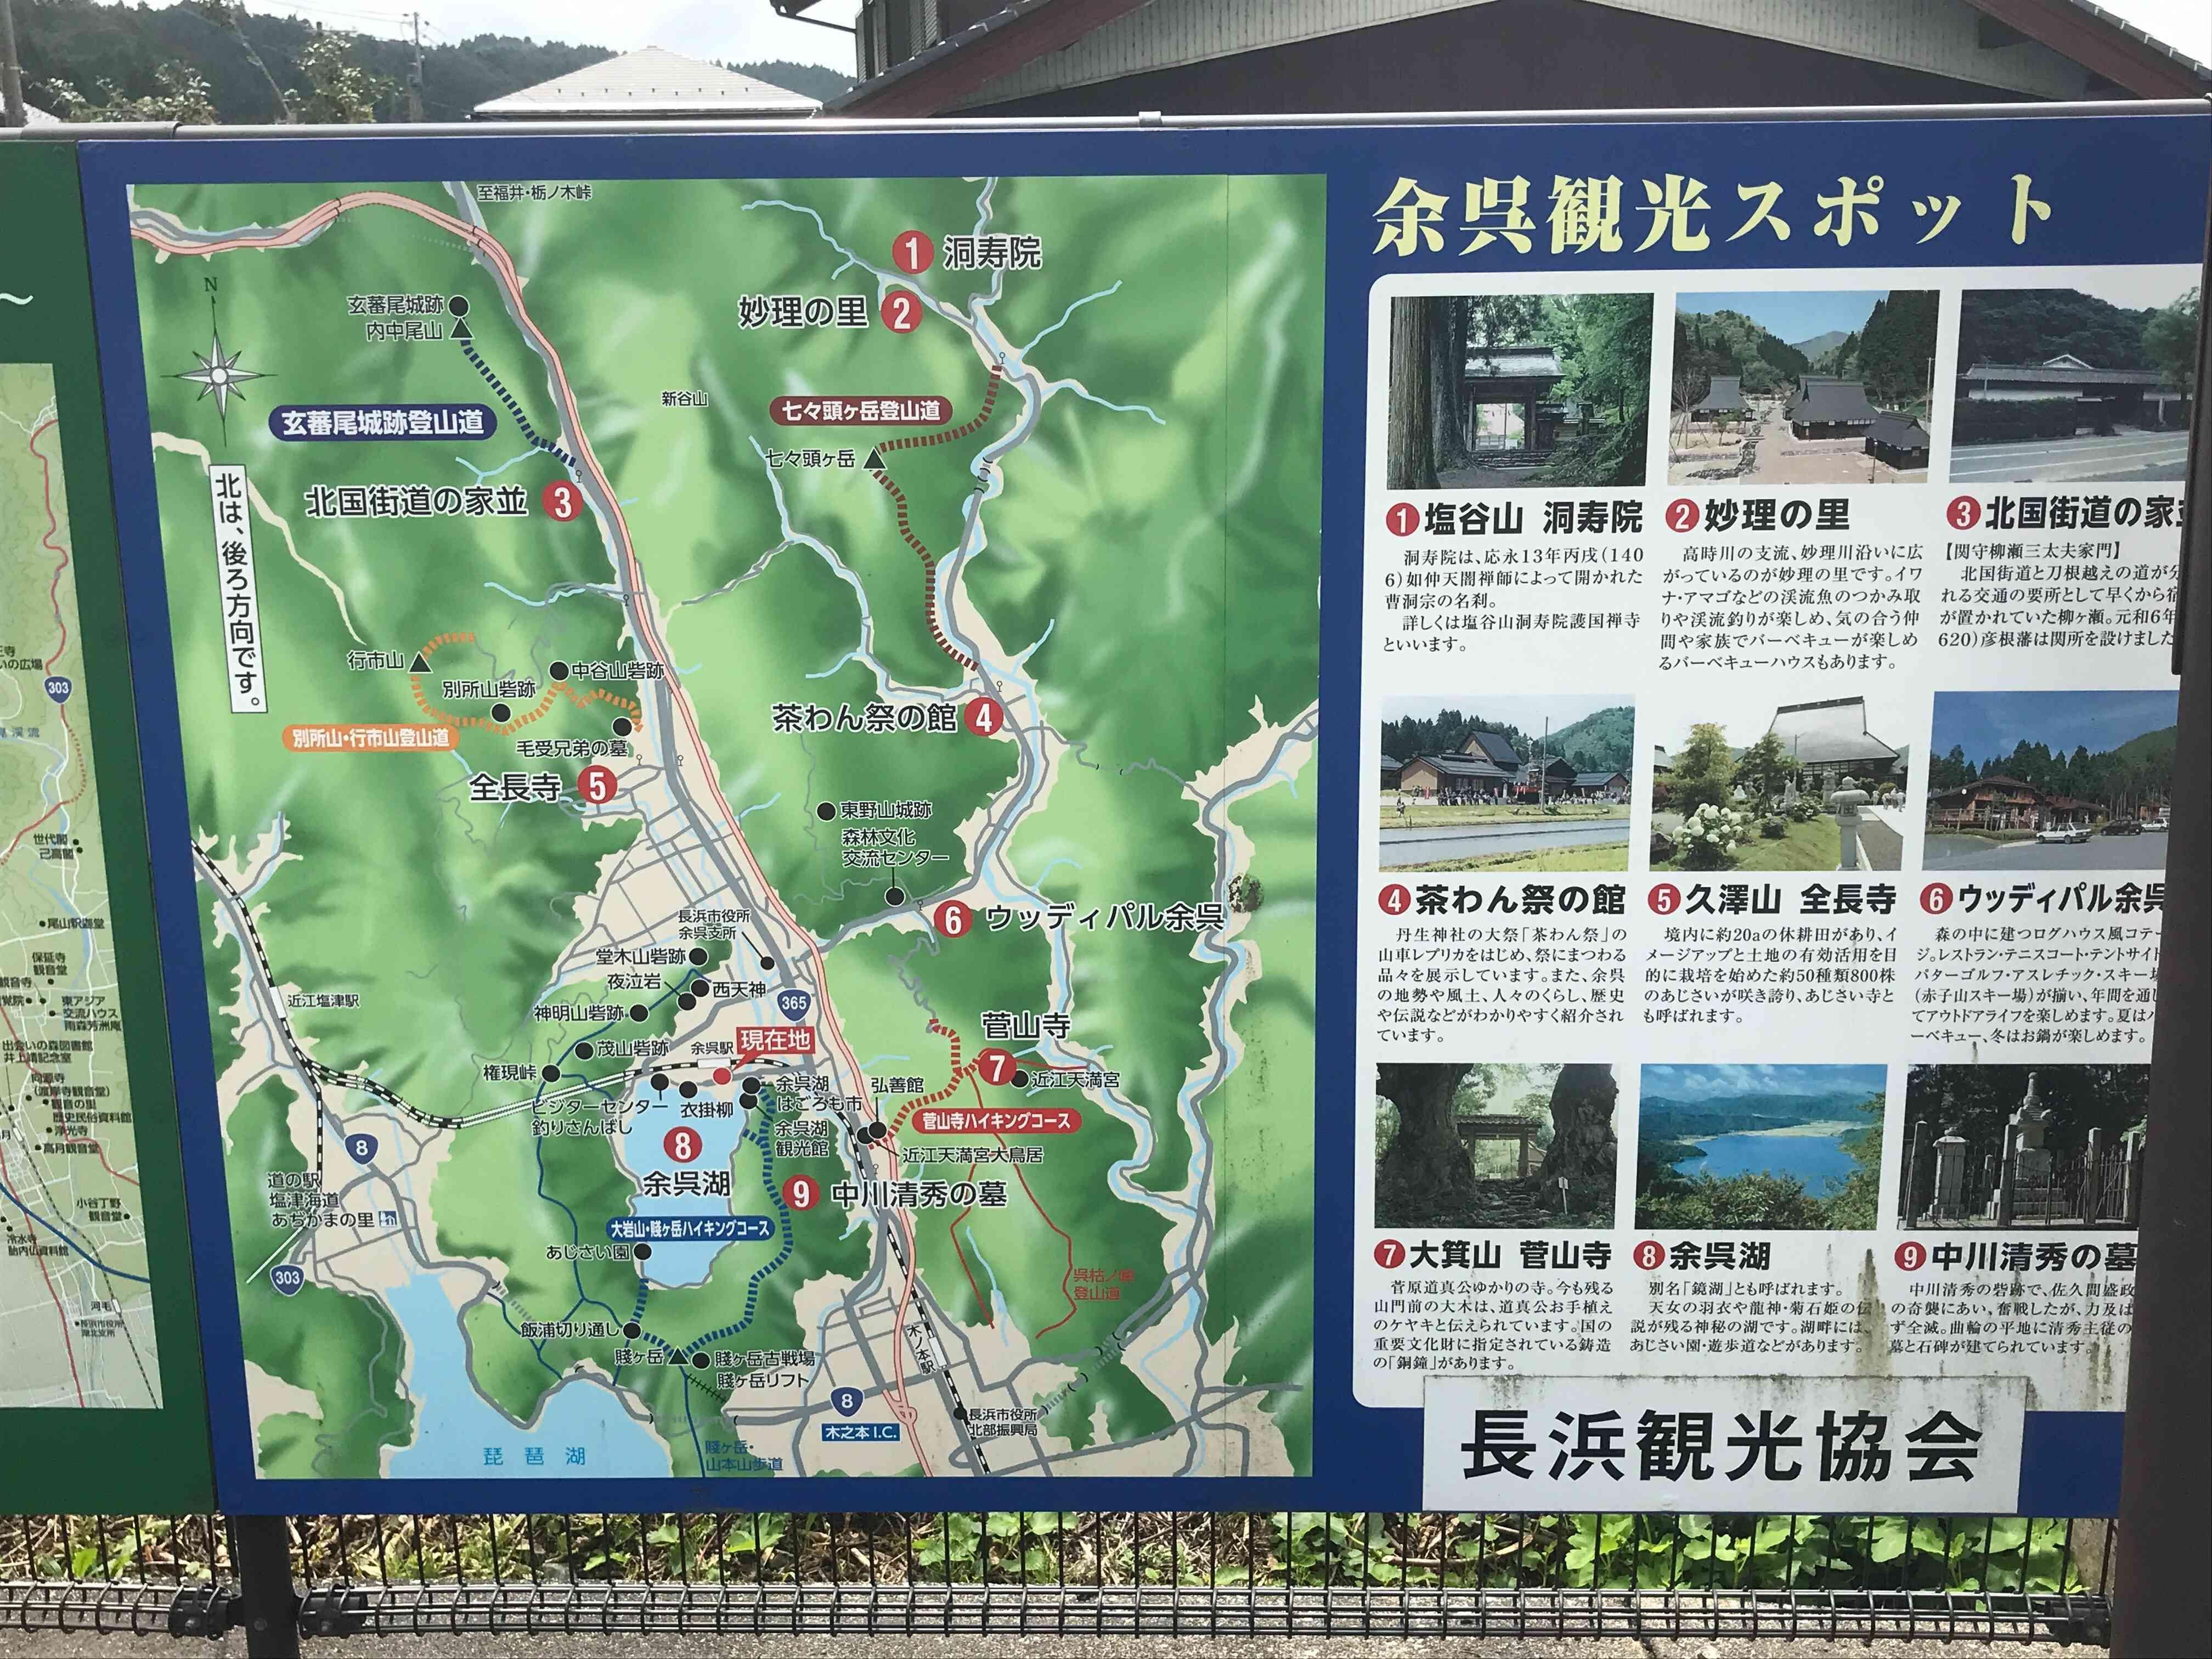 余呉湖観光スポットマップ